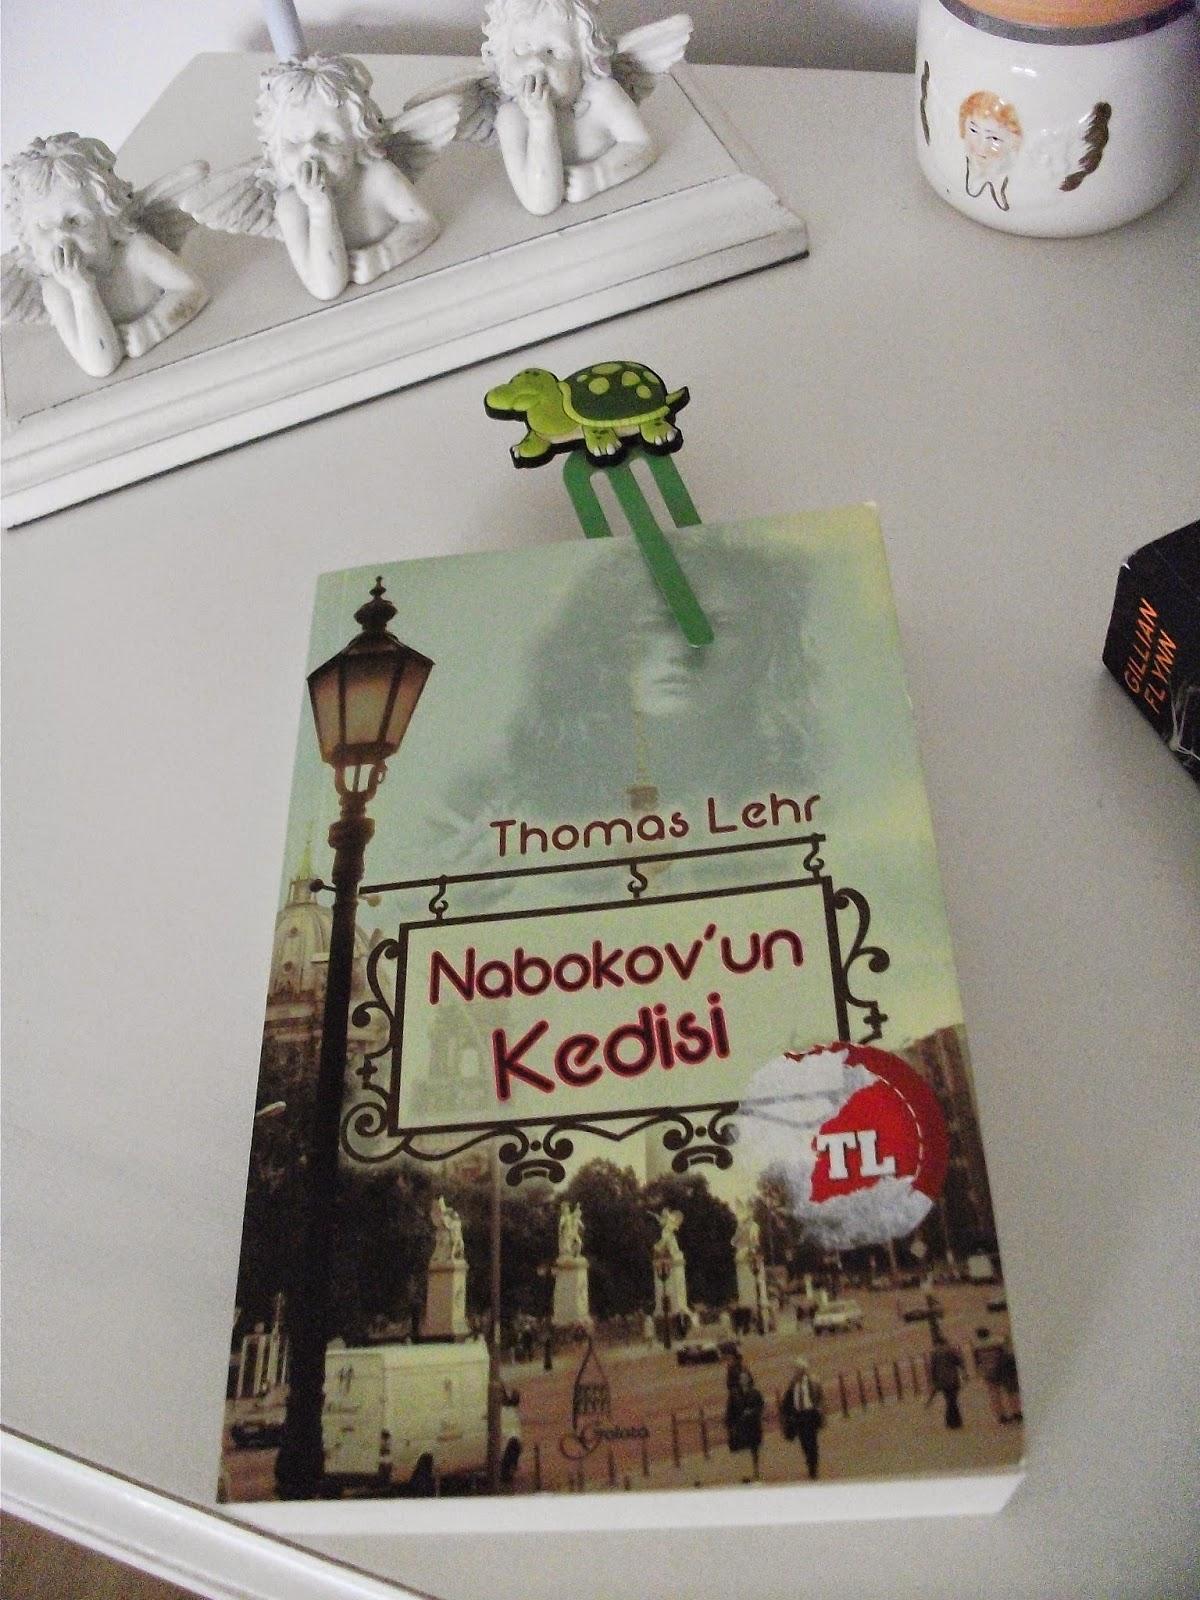 nobokov'un kedisi